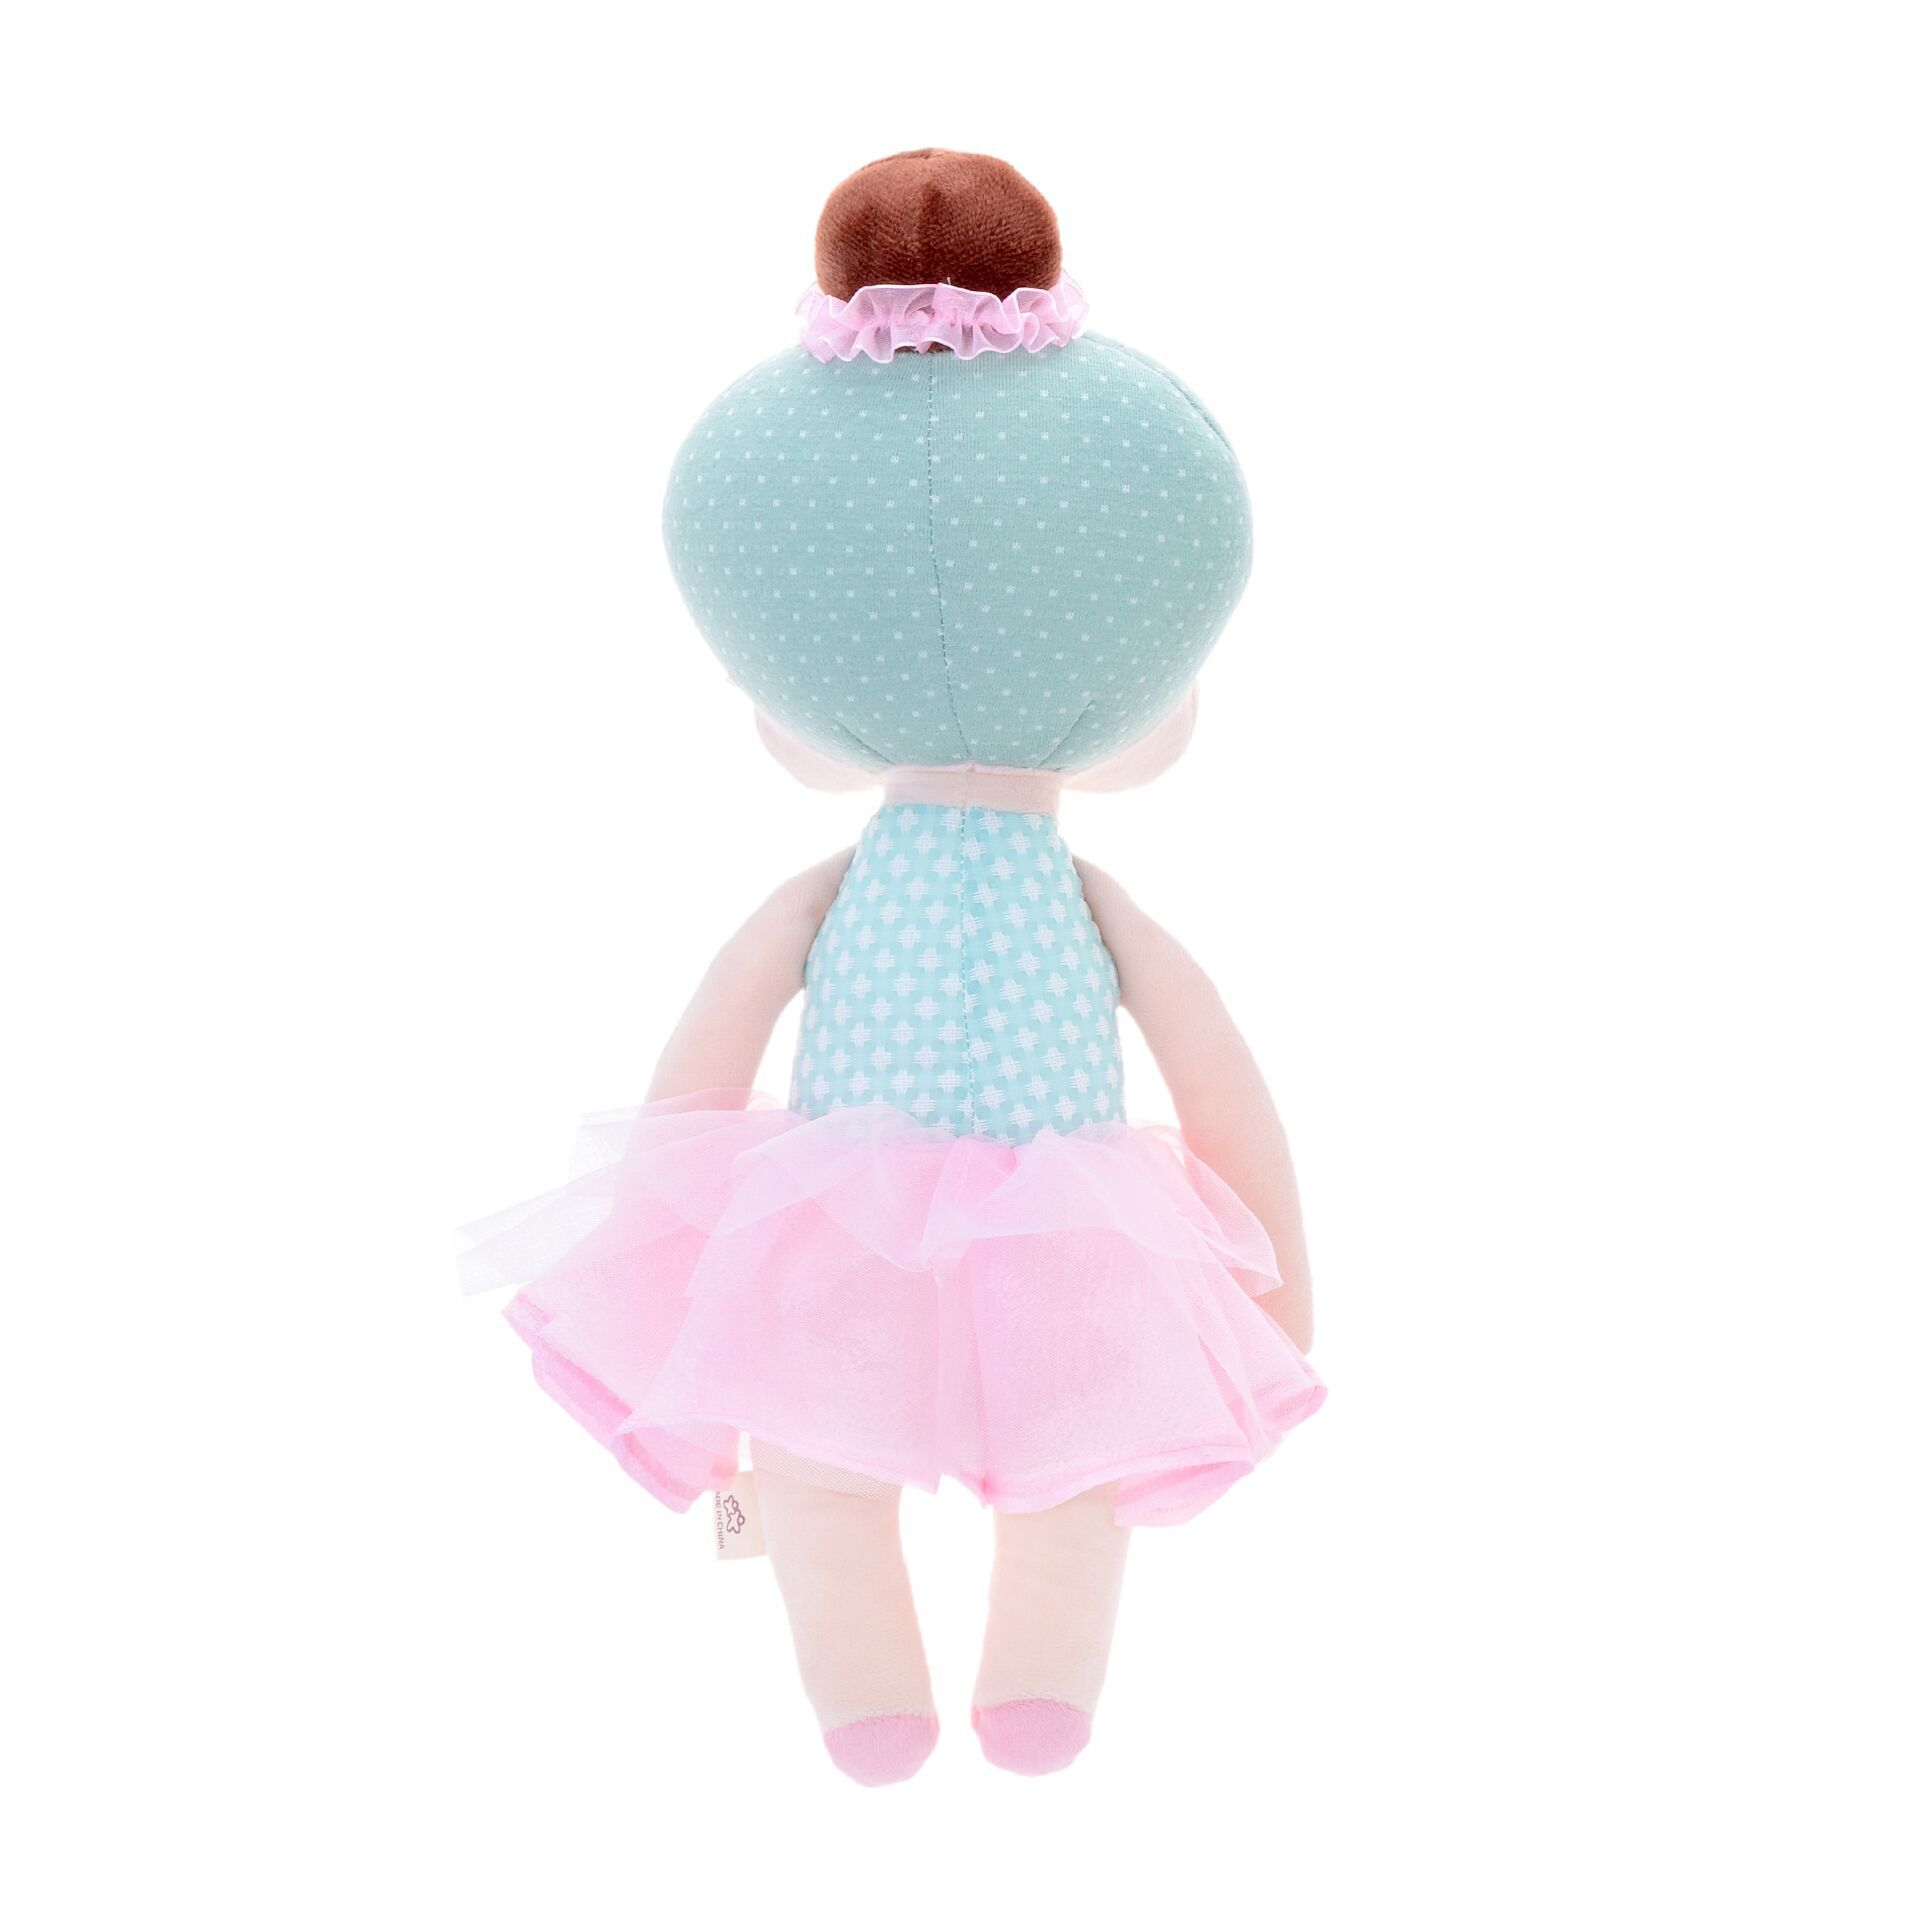 Boneca Metoo Bailairina Lai Ballet  - 2 tamanhos 40 cm ou 33 cm